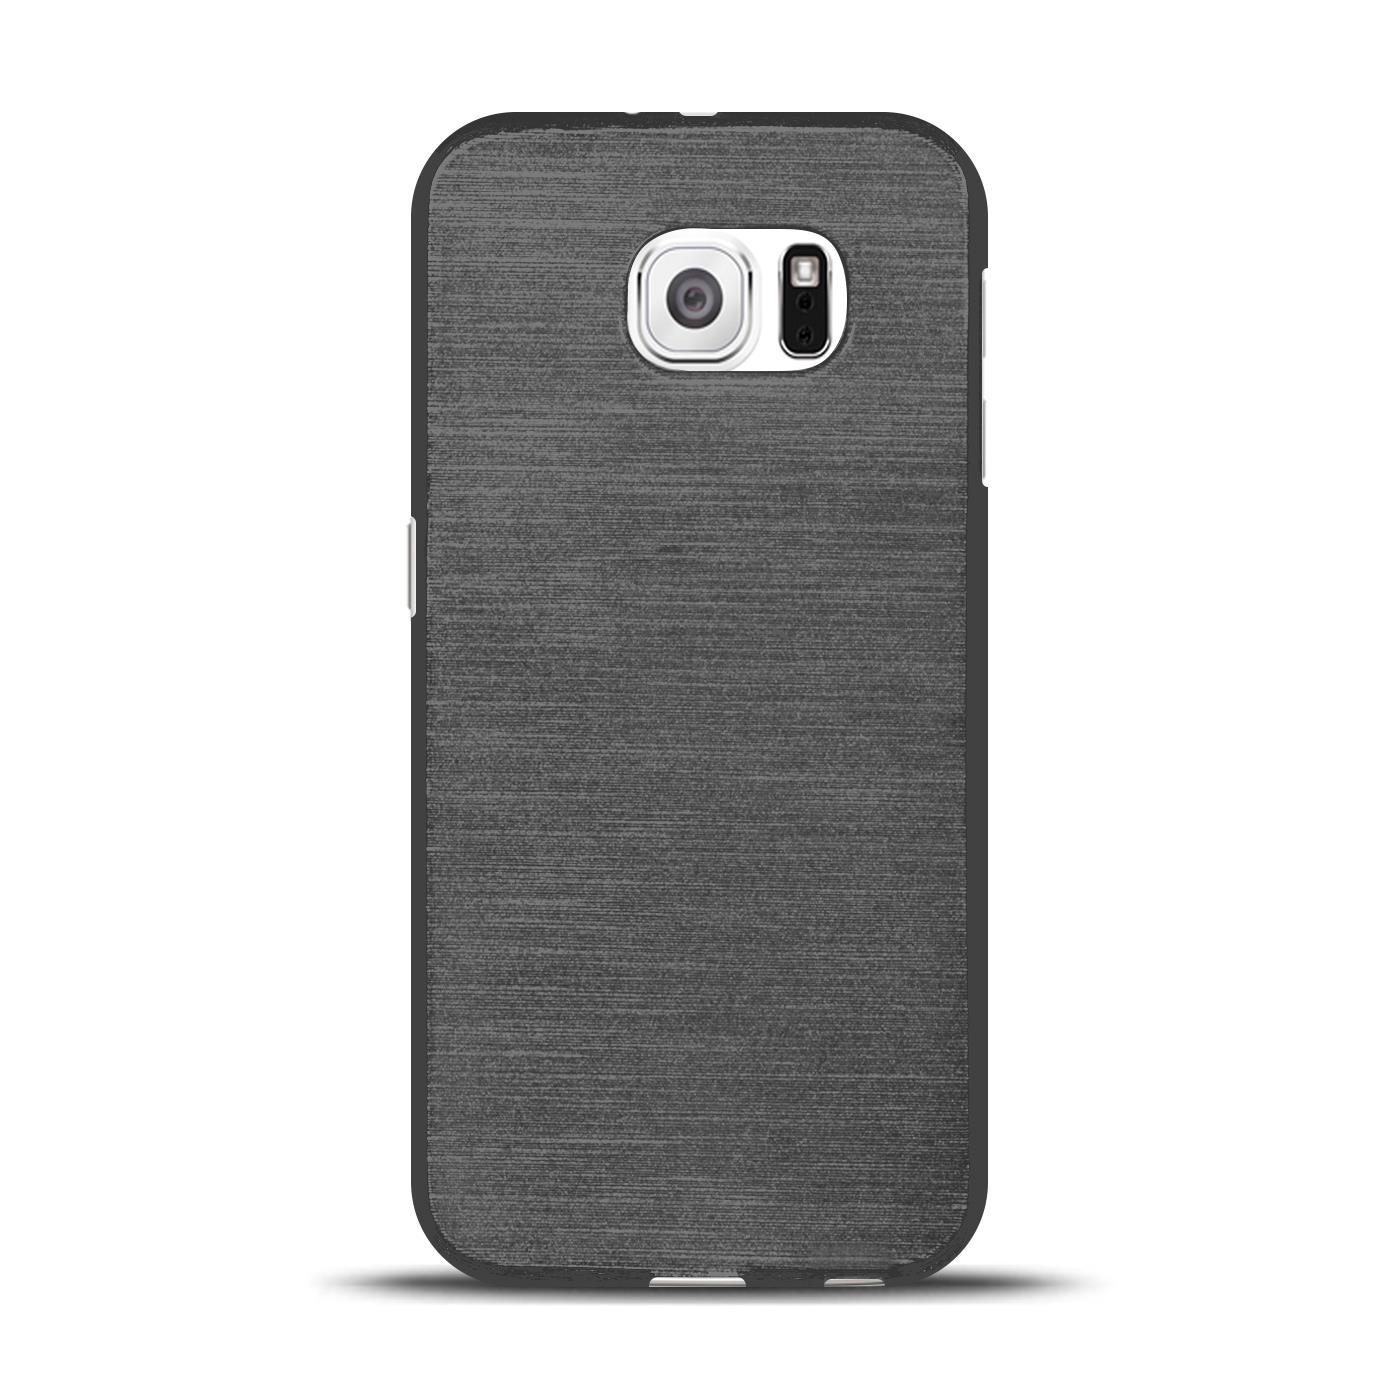 Silikon-Bumper-Case-fuer-Samsung-Galaxy-s6-duenne-ultra-slim-Stossfeste-Rueckschale Indexbild 6